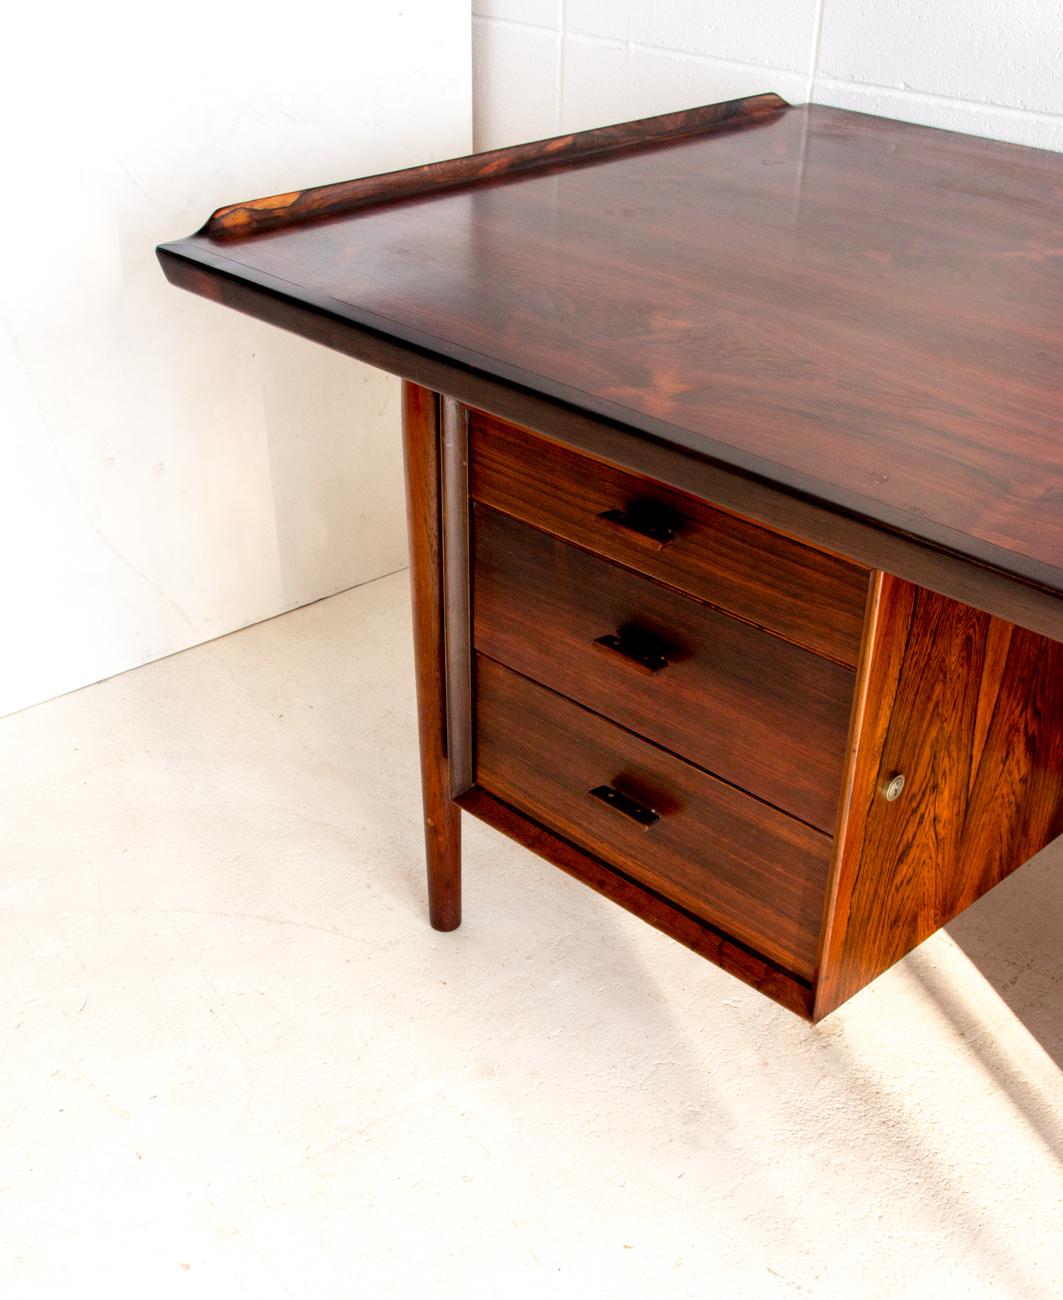 Model207 Desk by Arne Vodder